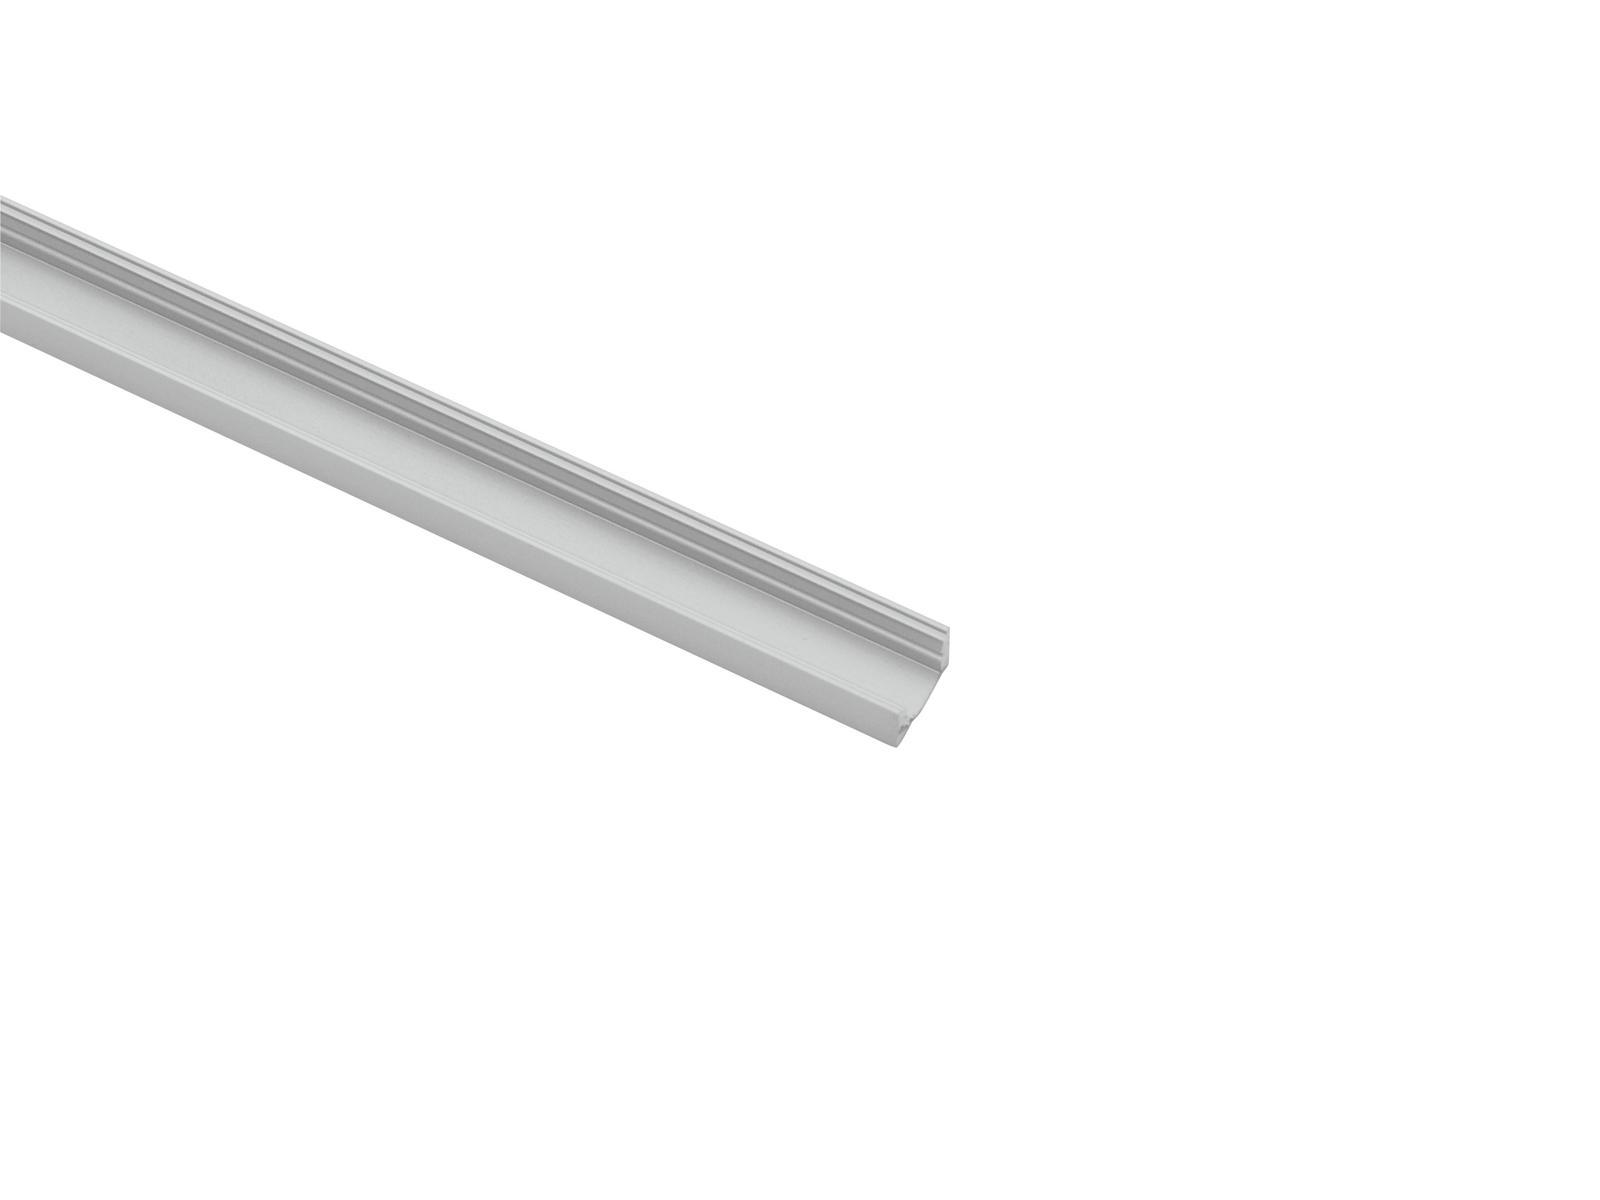 EUROLITE profilo a U per la Striscia del LED argento 2m